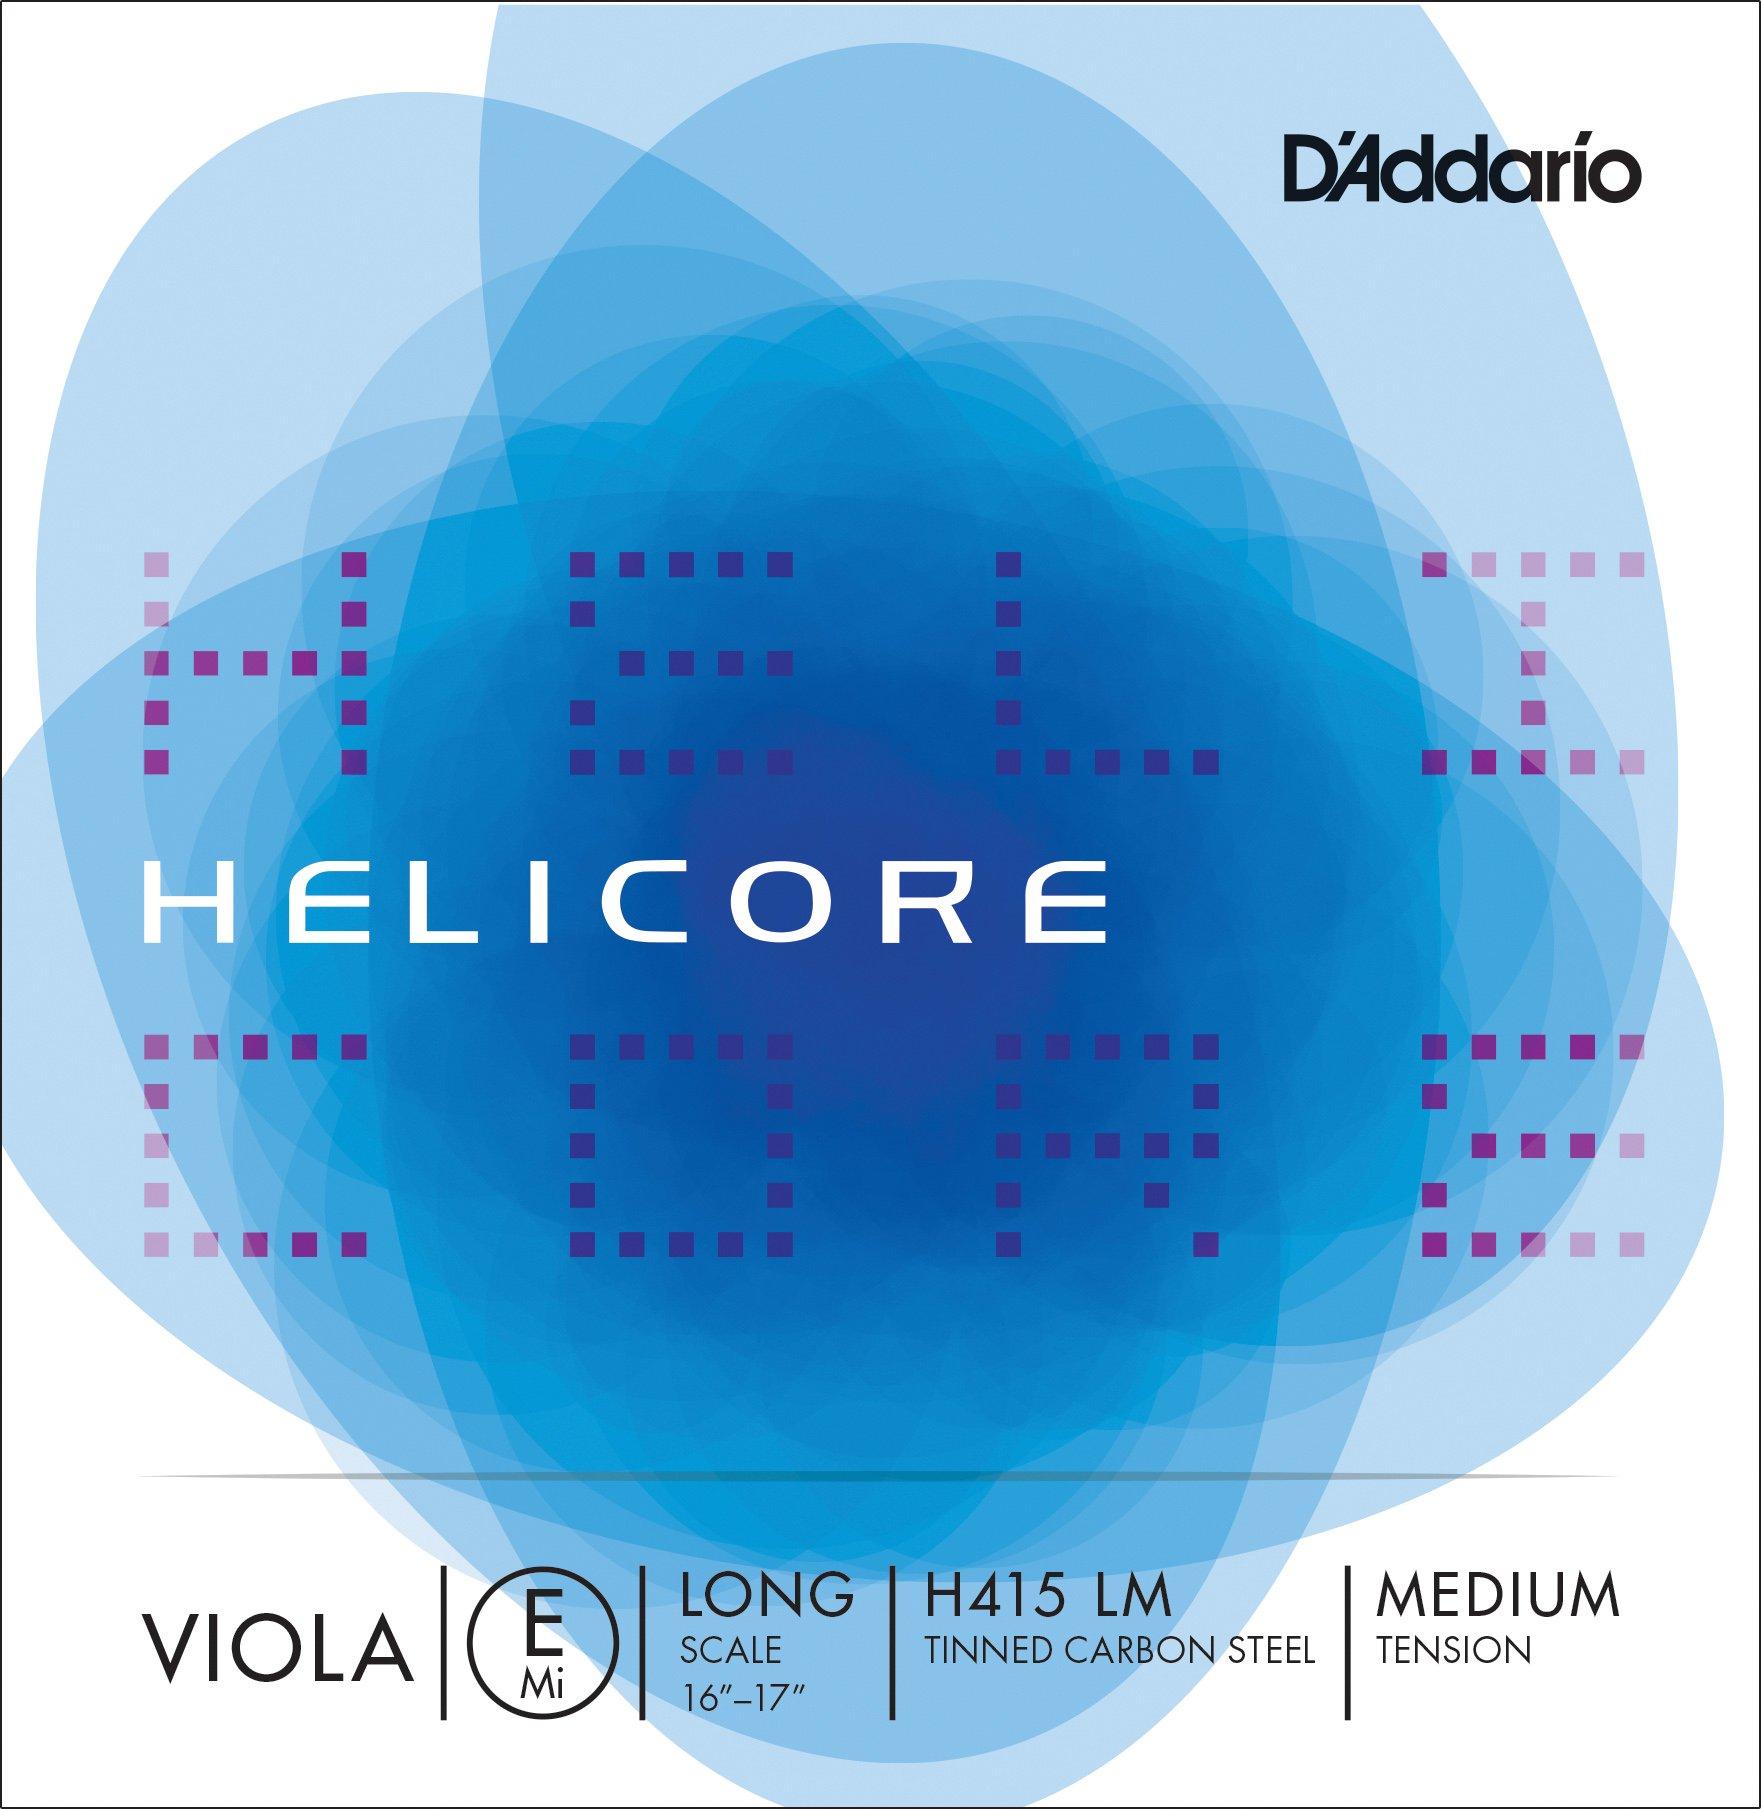 D'Addario H415-LM Helicore - Corda singola MI per viola, con anima in carbonio zincato, a scala lung